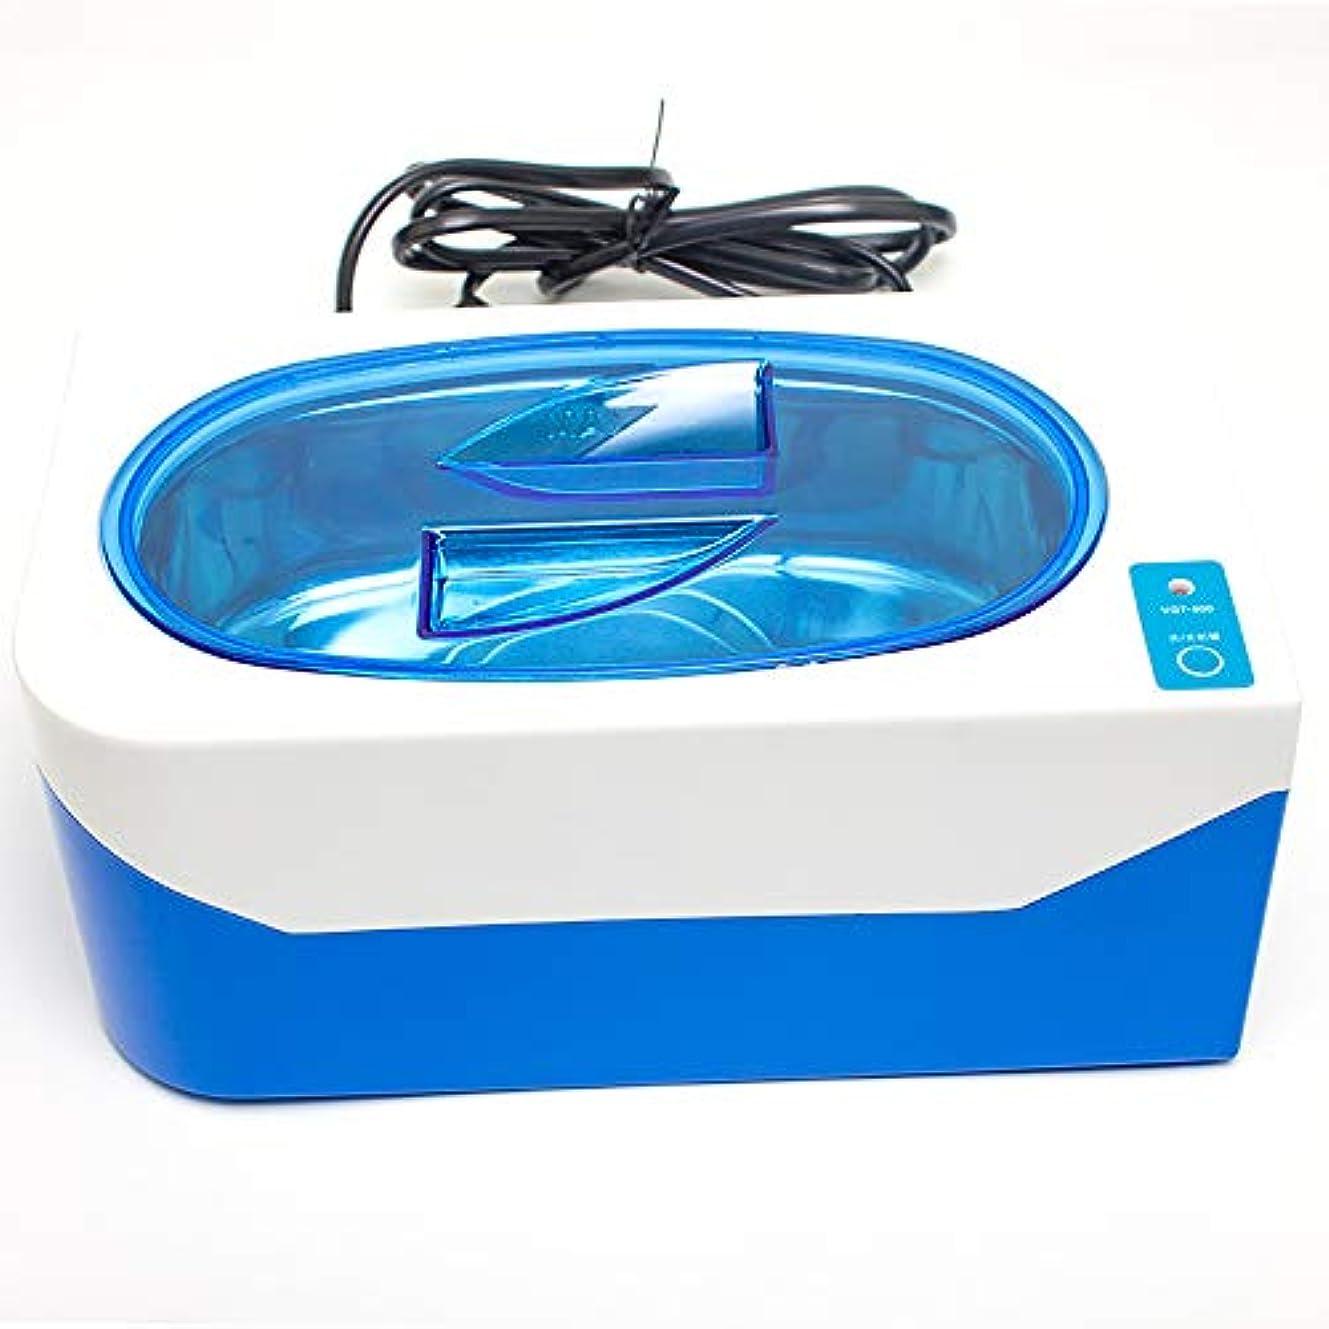 背骨サイズ水消毒機、美しさのヘアマニキュア歯科ステンレス製のツール消毒用超音波クリーナー超音波クリーナージュエリークリーニング